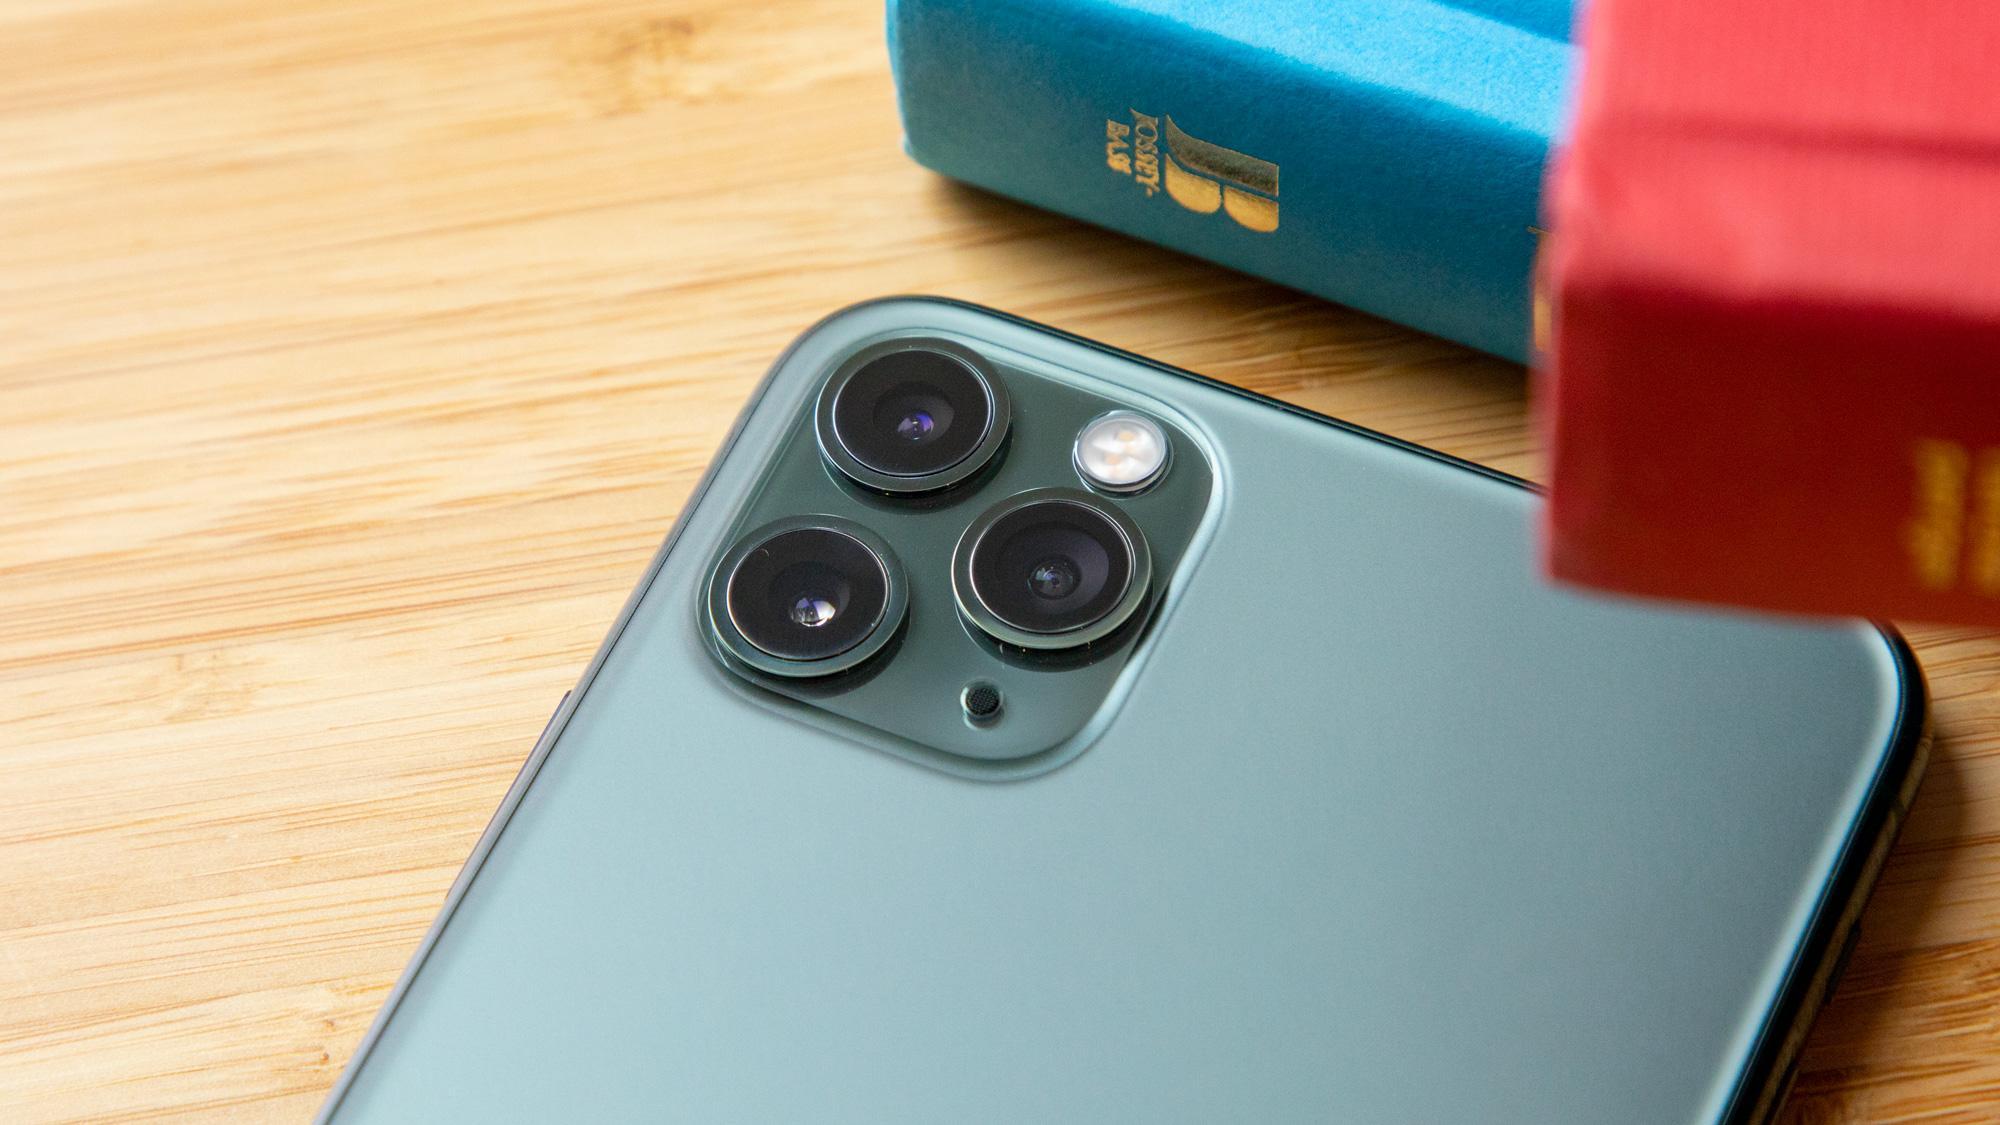 Apple iPhone 11 Pro Max. Лучшая камера для видеосъемки